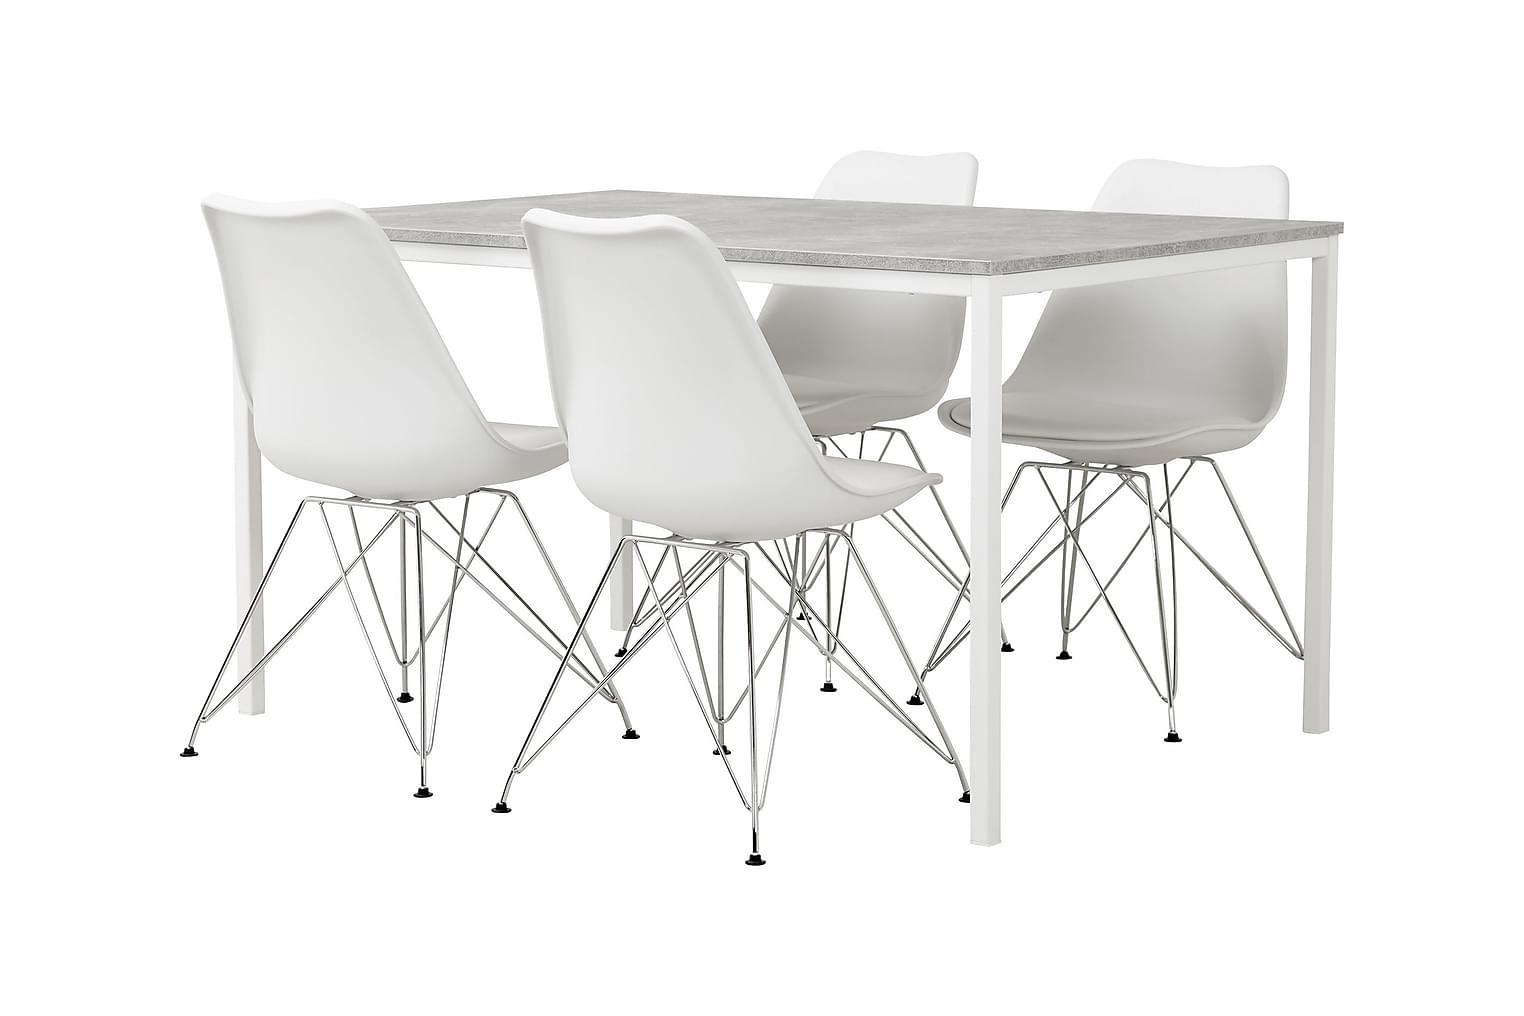 NOOMI Pöytä 138 Harmaa/valkoinen+ 4 SHELLO Tuolia Valkoinen/